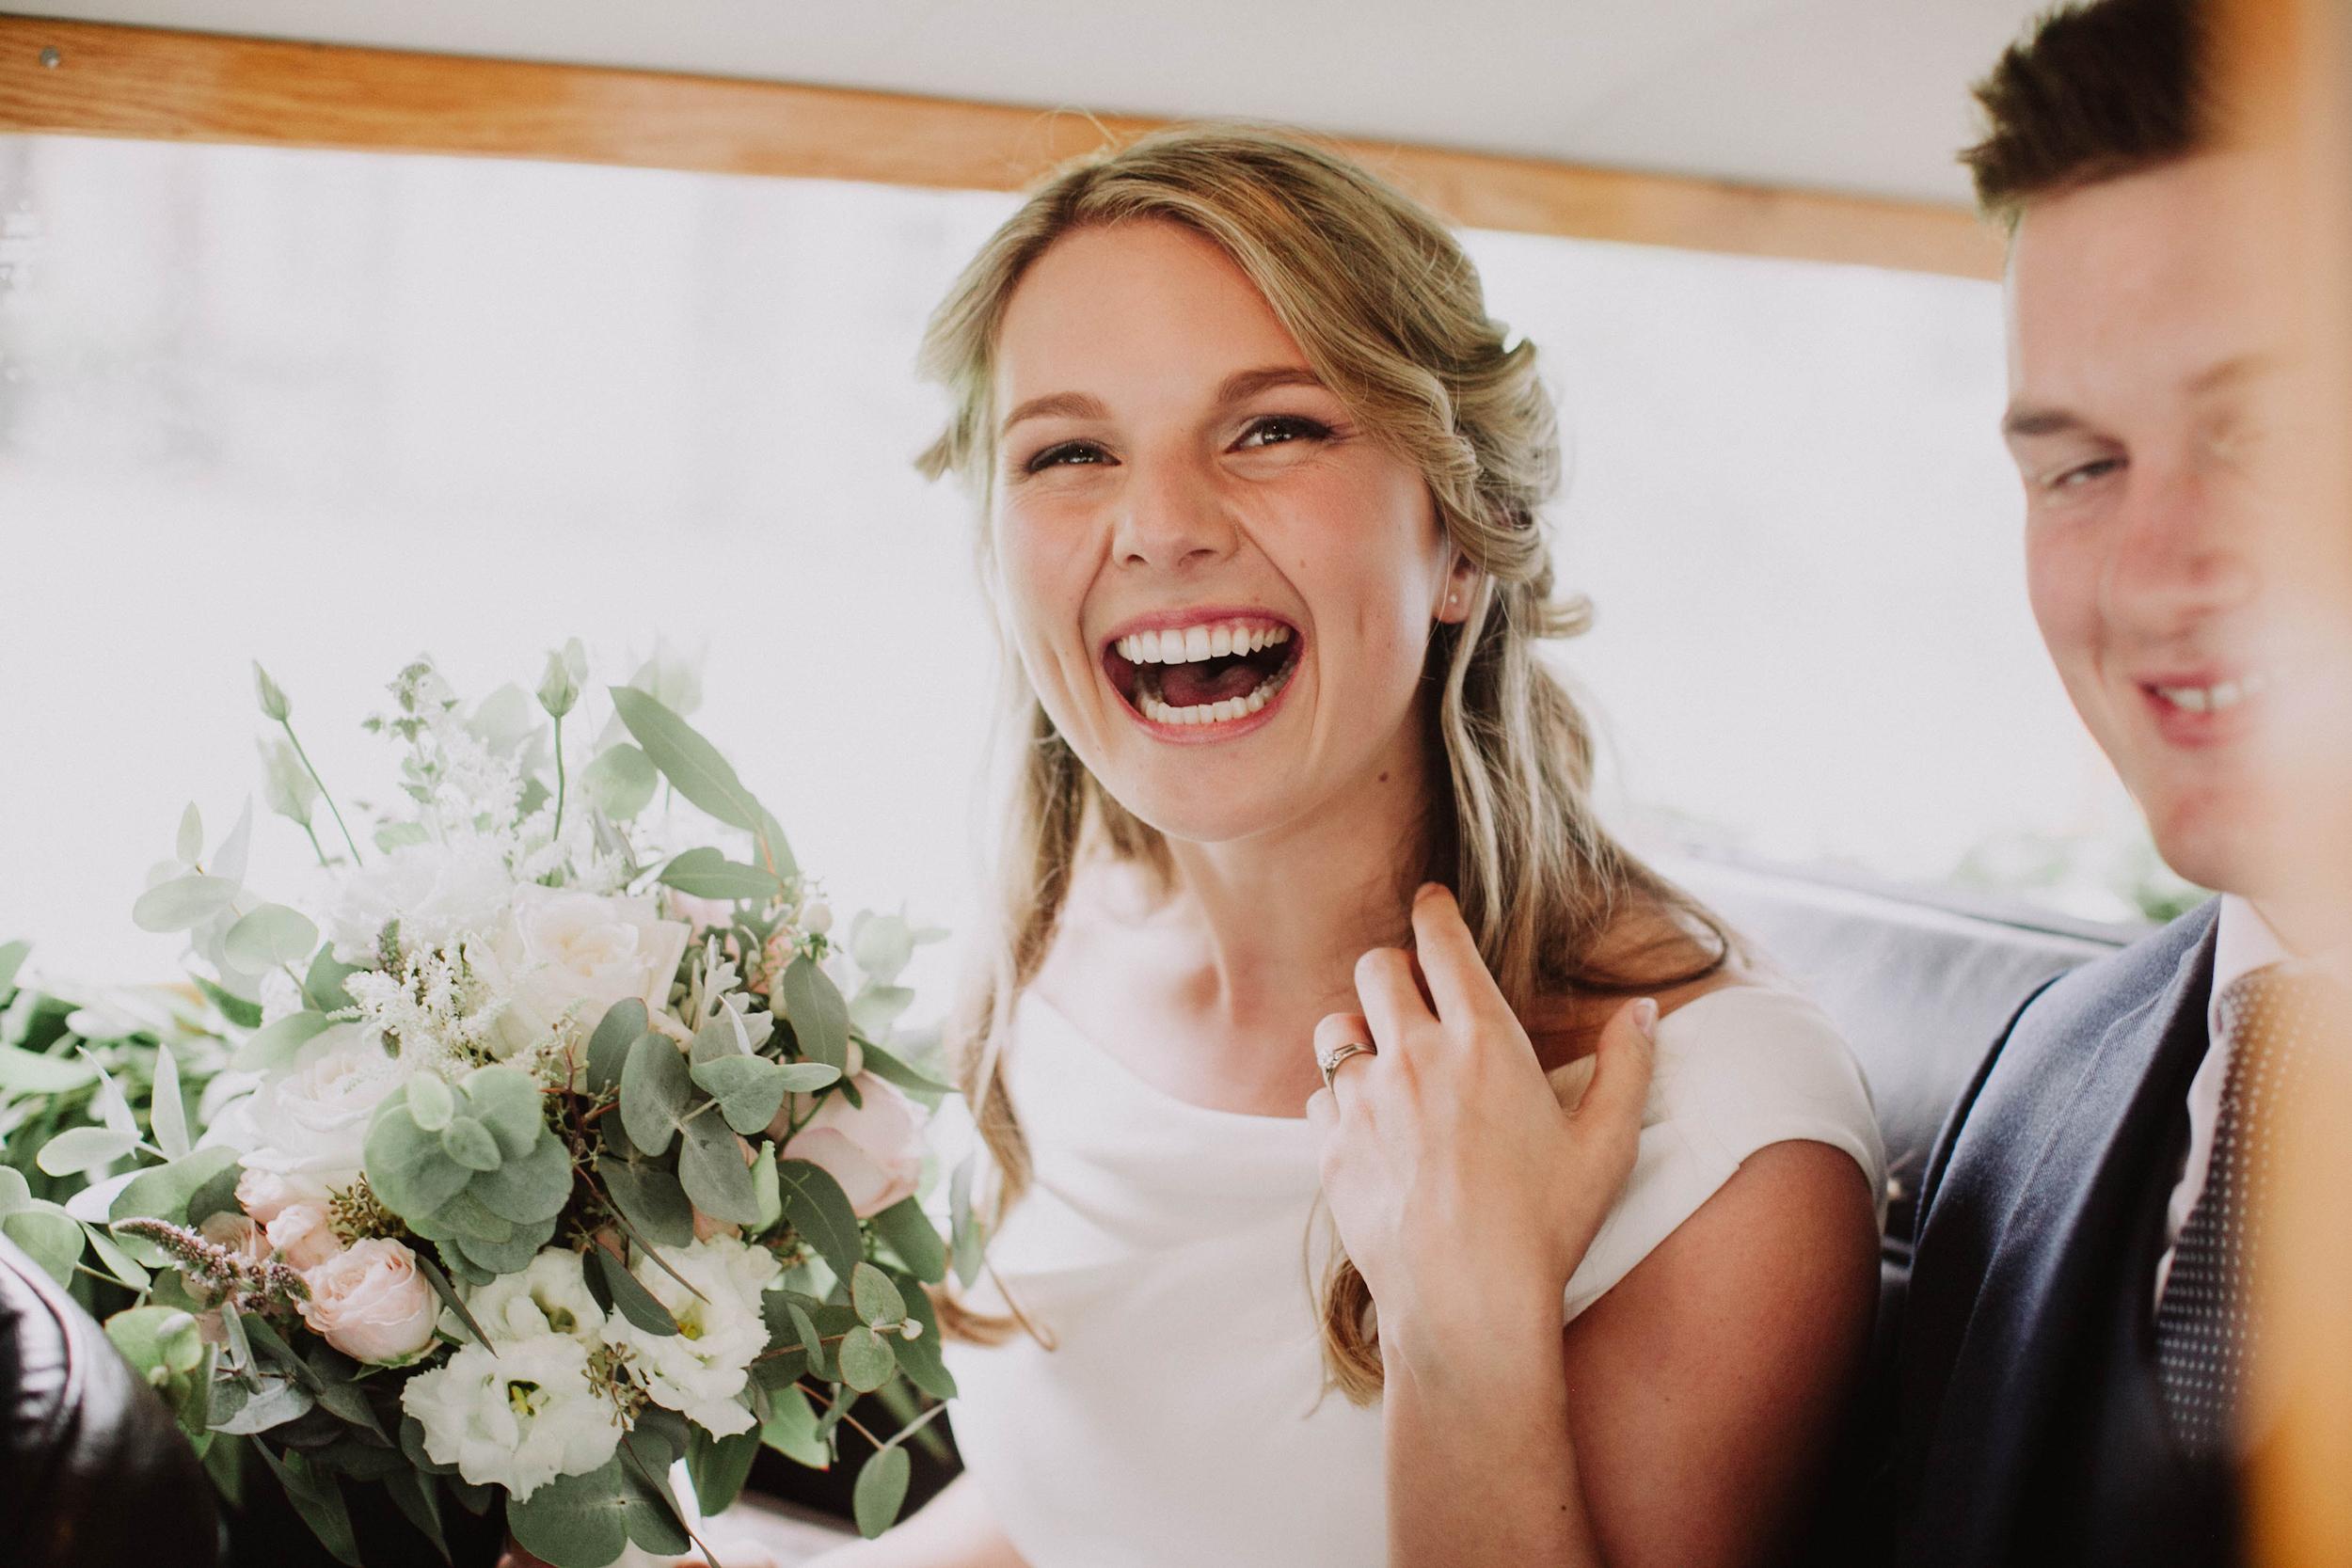 Jayne_lindsay_wedding_photographer_boho_wedding_northern_ireland_inspire_Weddings_2.jpeg